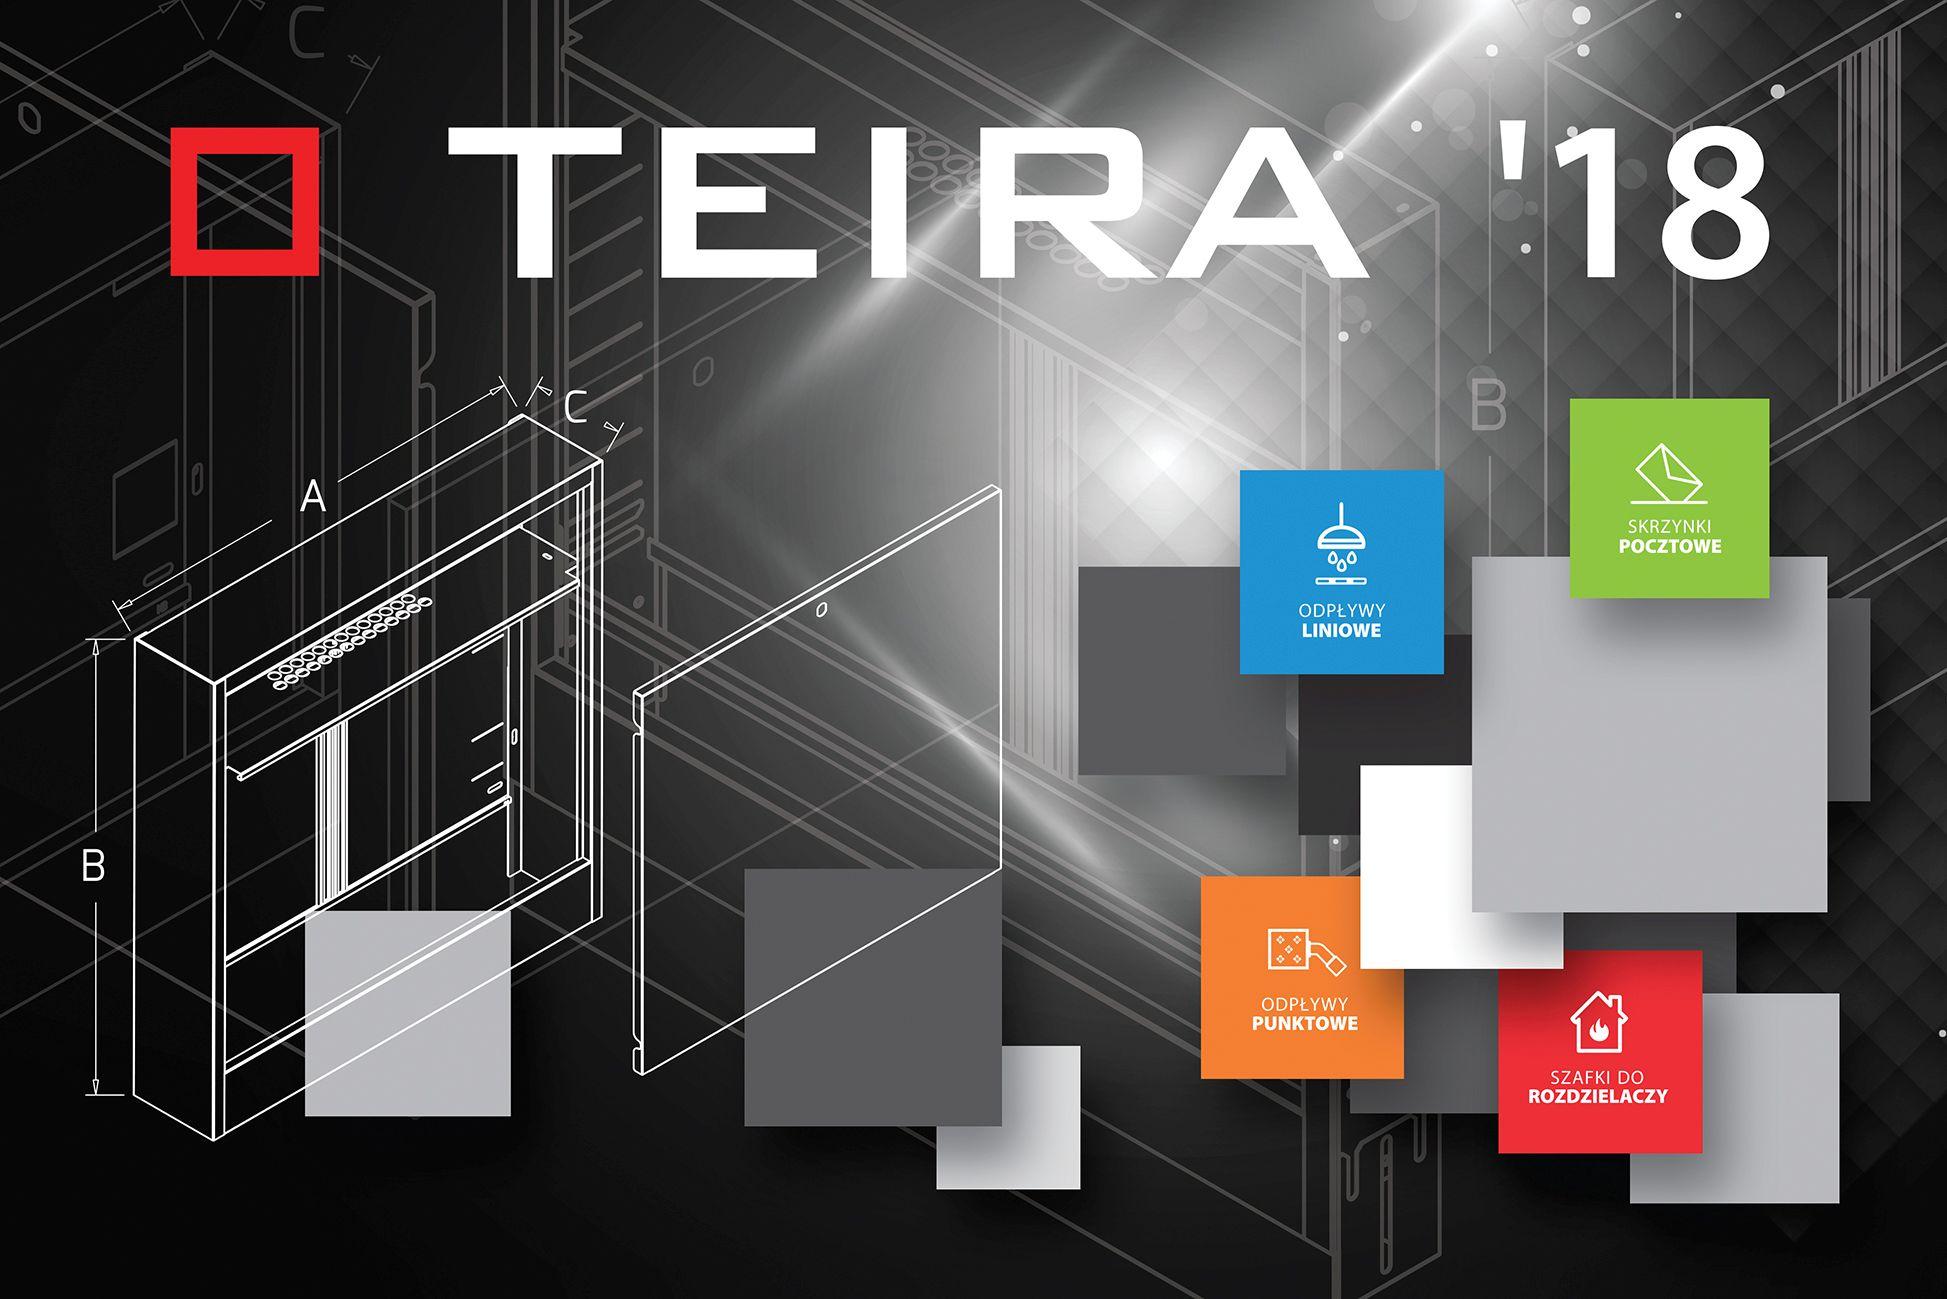 Praca w firmie TEIRA